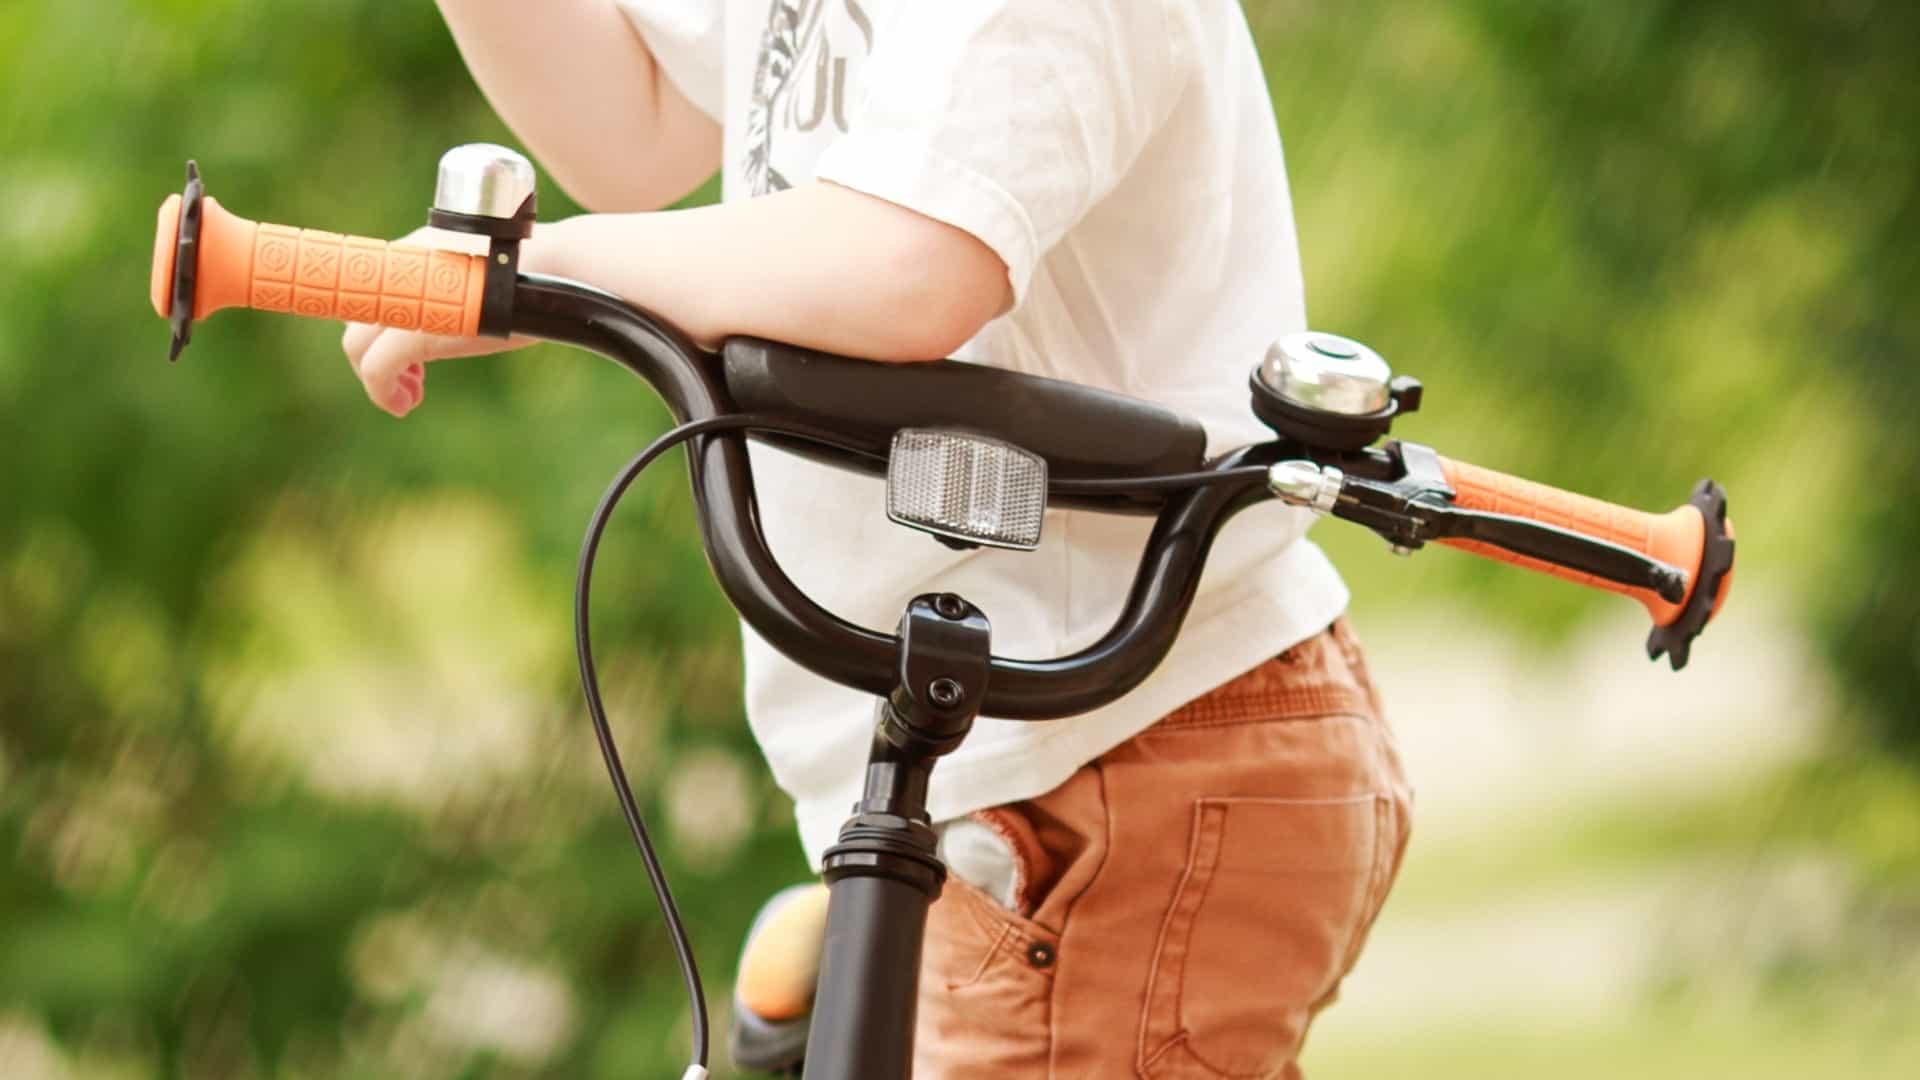 Bicicletas para niños: ¿Cuál es la mejor del 2020?